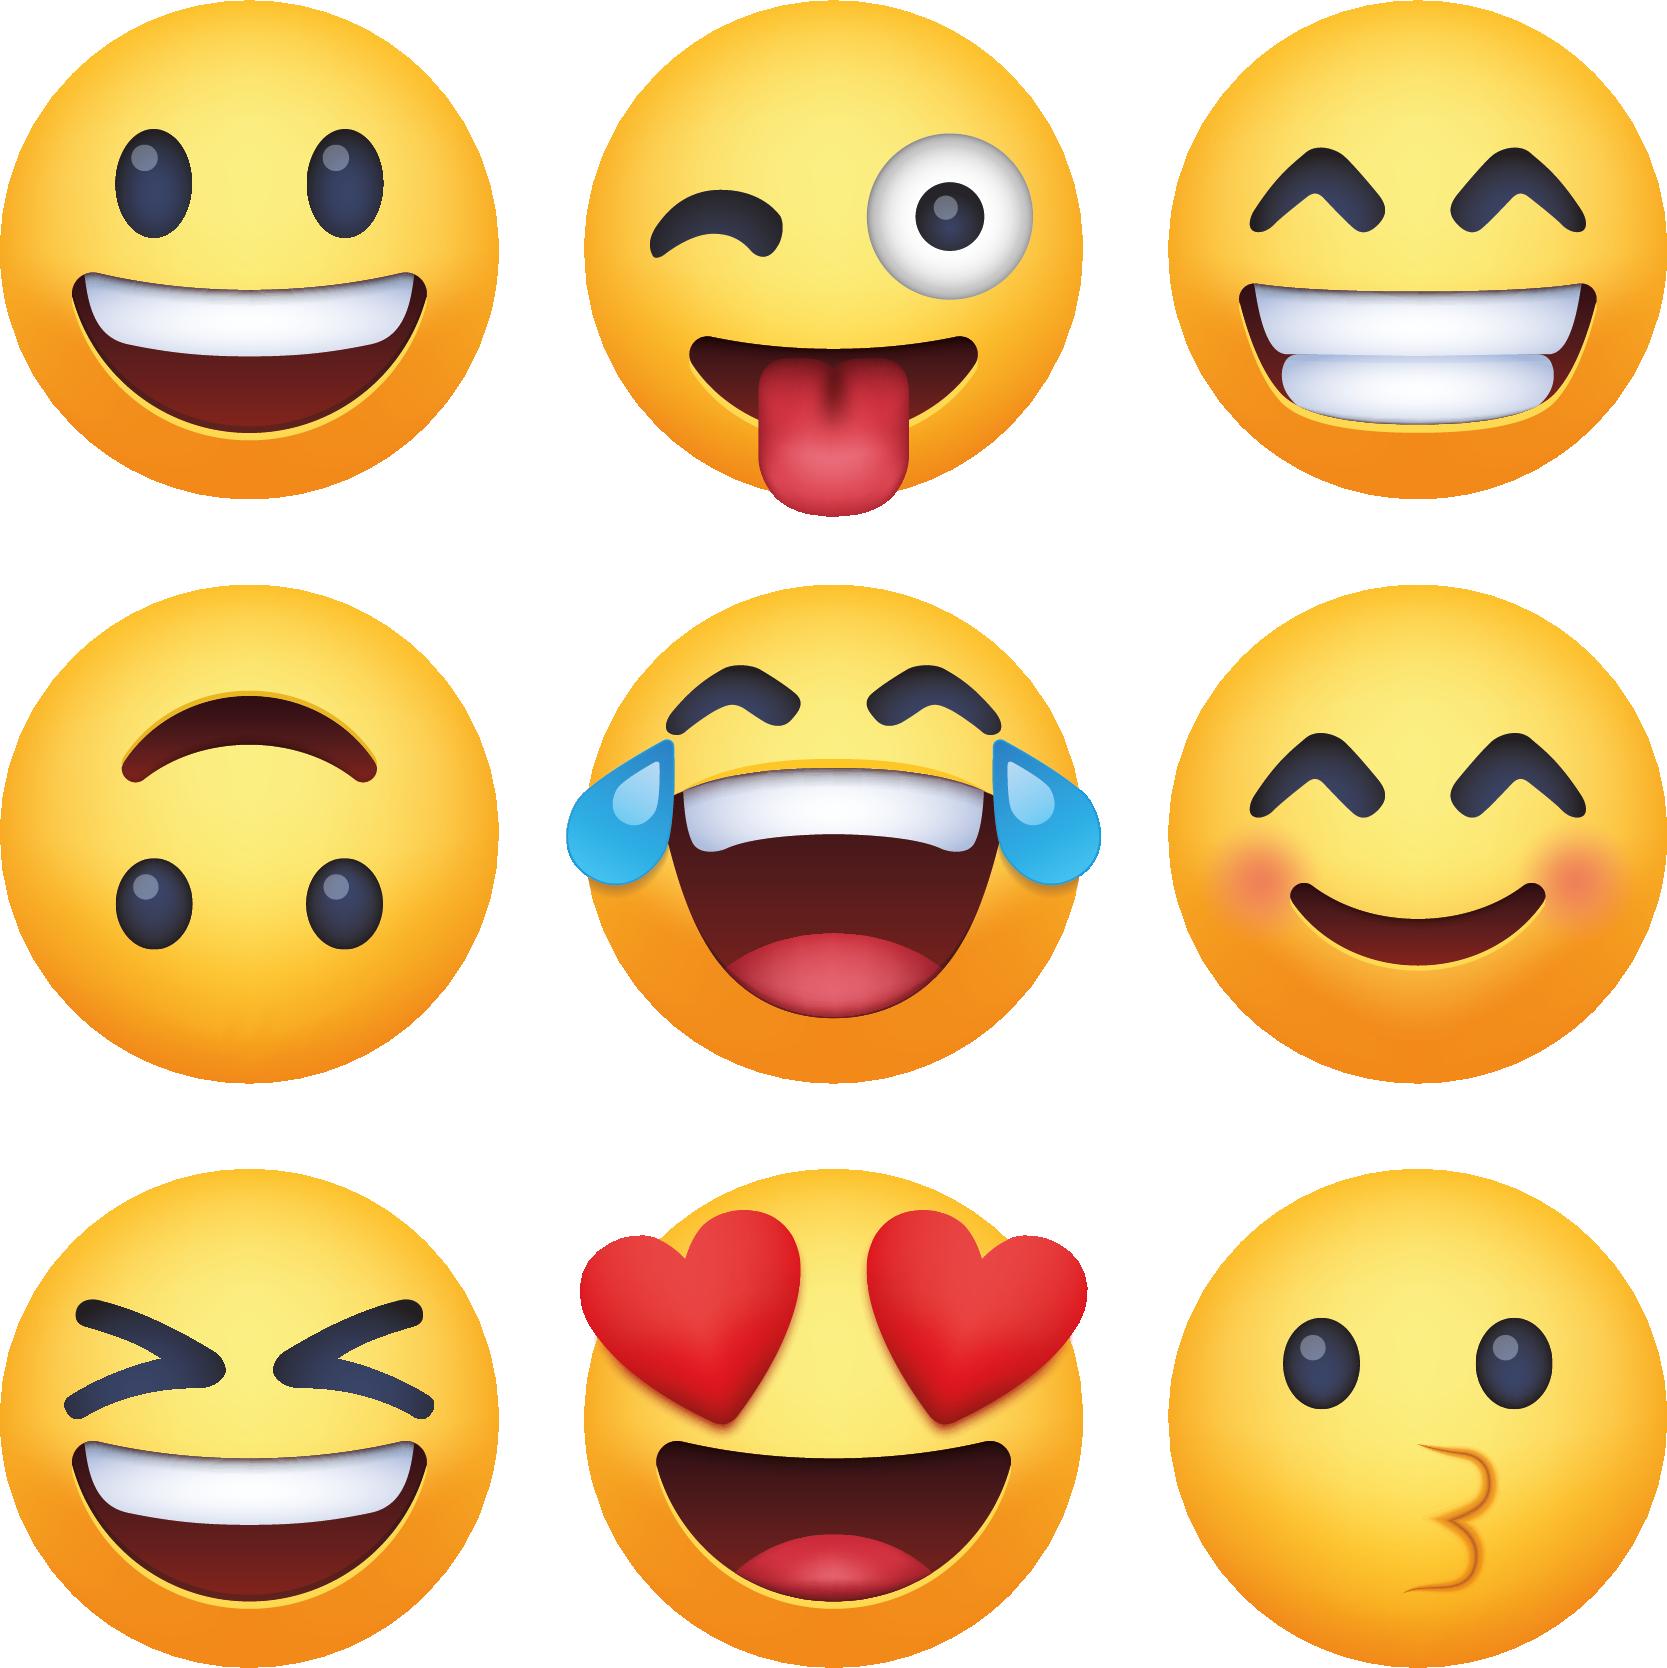 Tenstickers. Emoji hymiö emoji seinä tarra. Koristeellinen tarramuotokuva hymiö-emoji-kuvakkeesta käytettäväksi missä tahansa valitussa tilassa. Malli on saatavana erikokoisina.